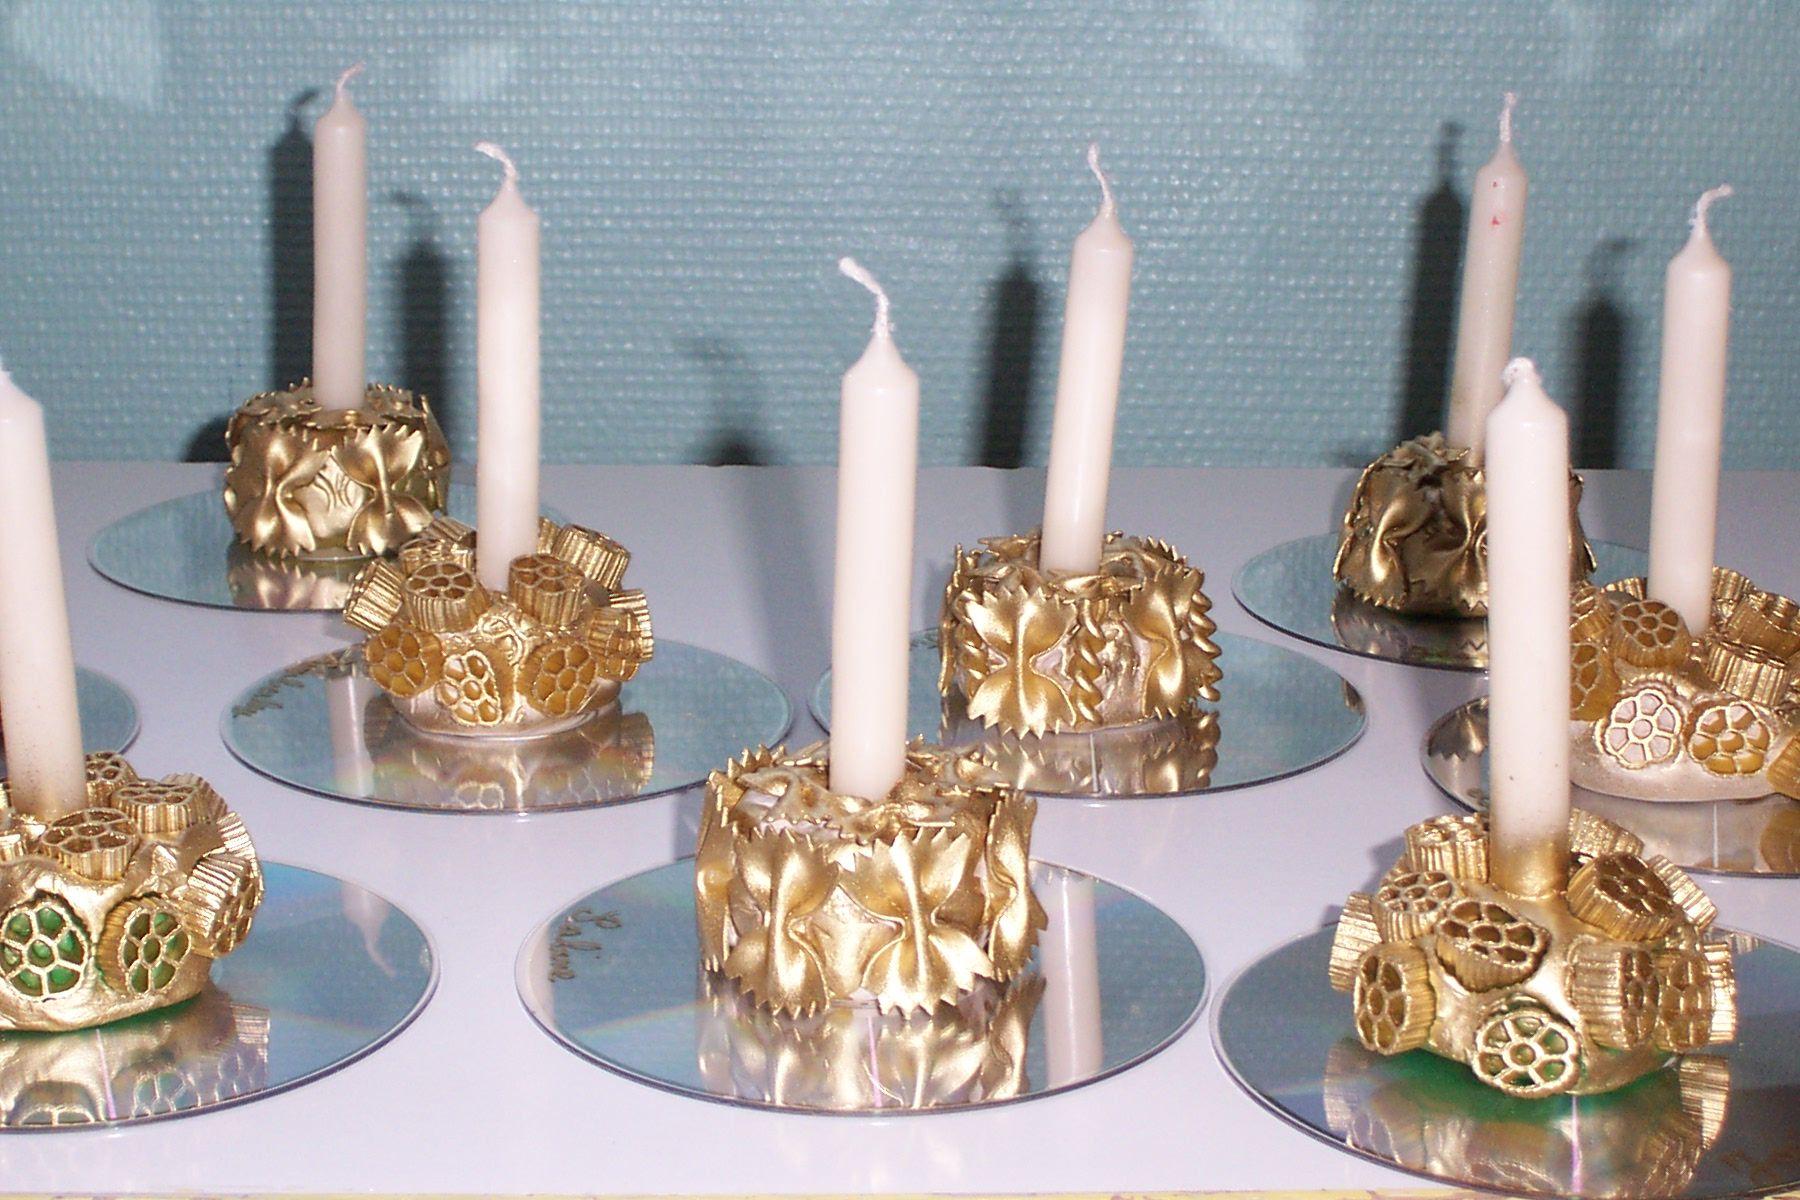 фото макароны и свечами имеет круглую